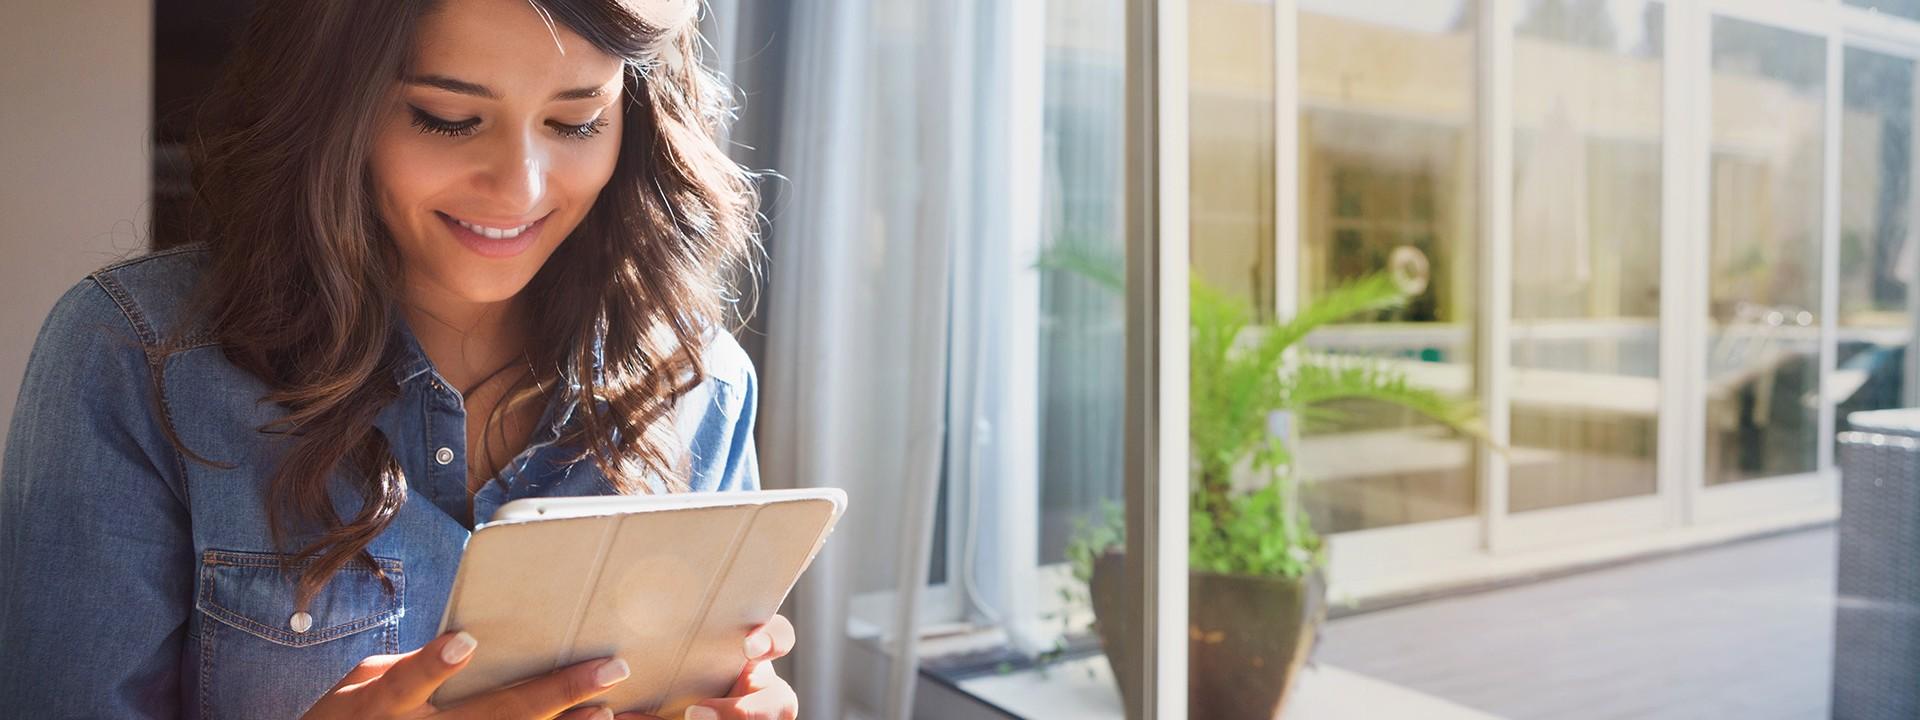 Frau liest auf einem Tablet